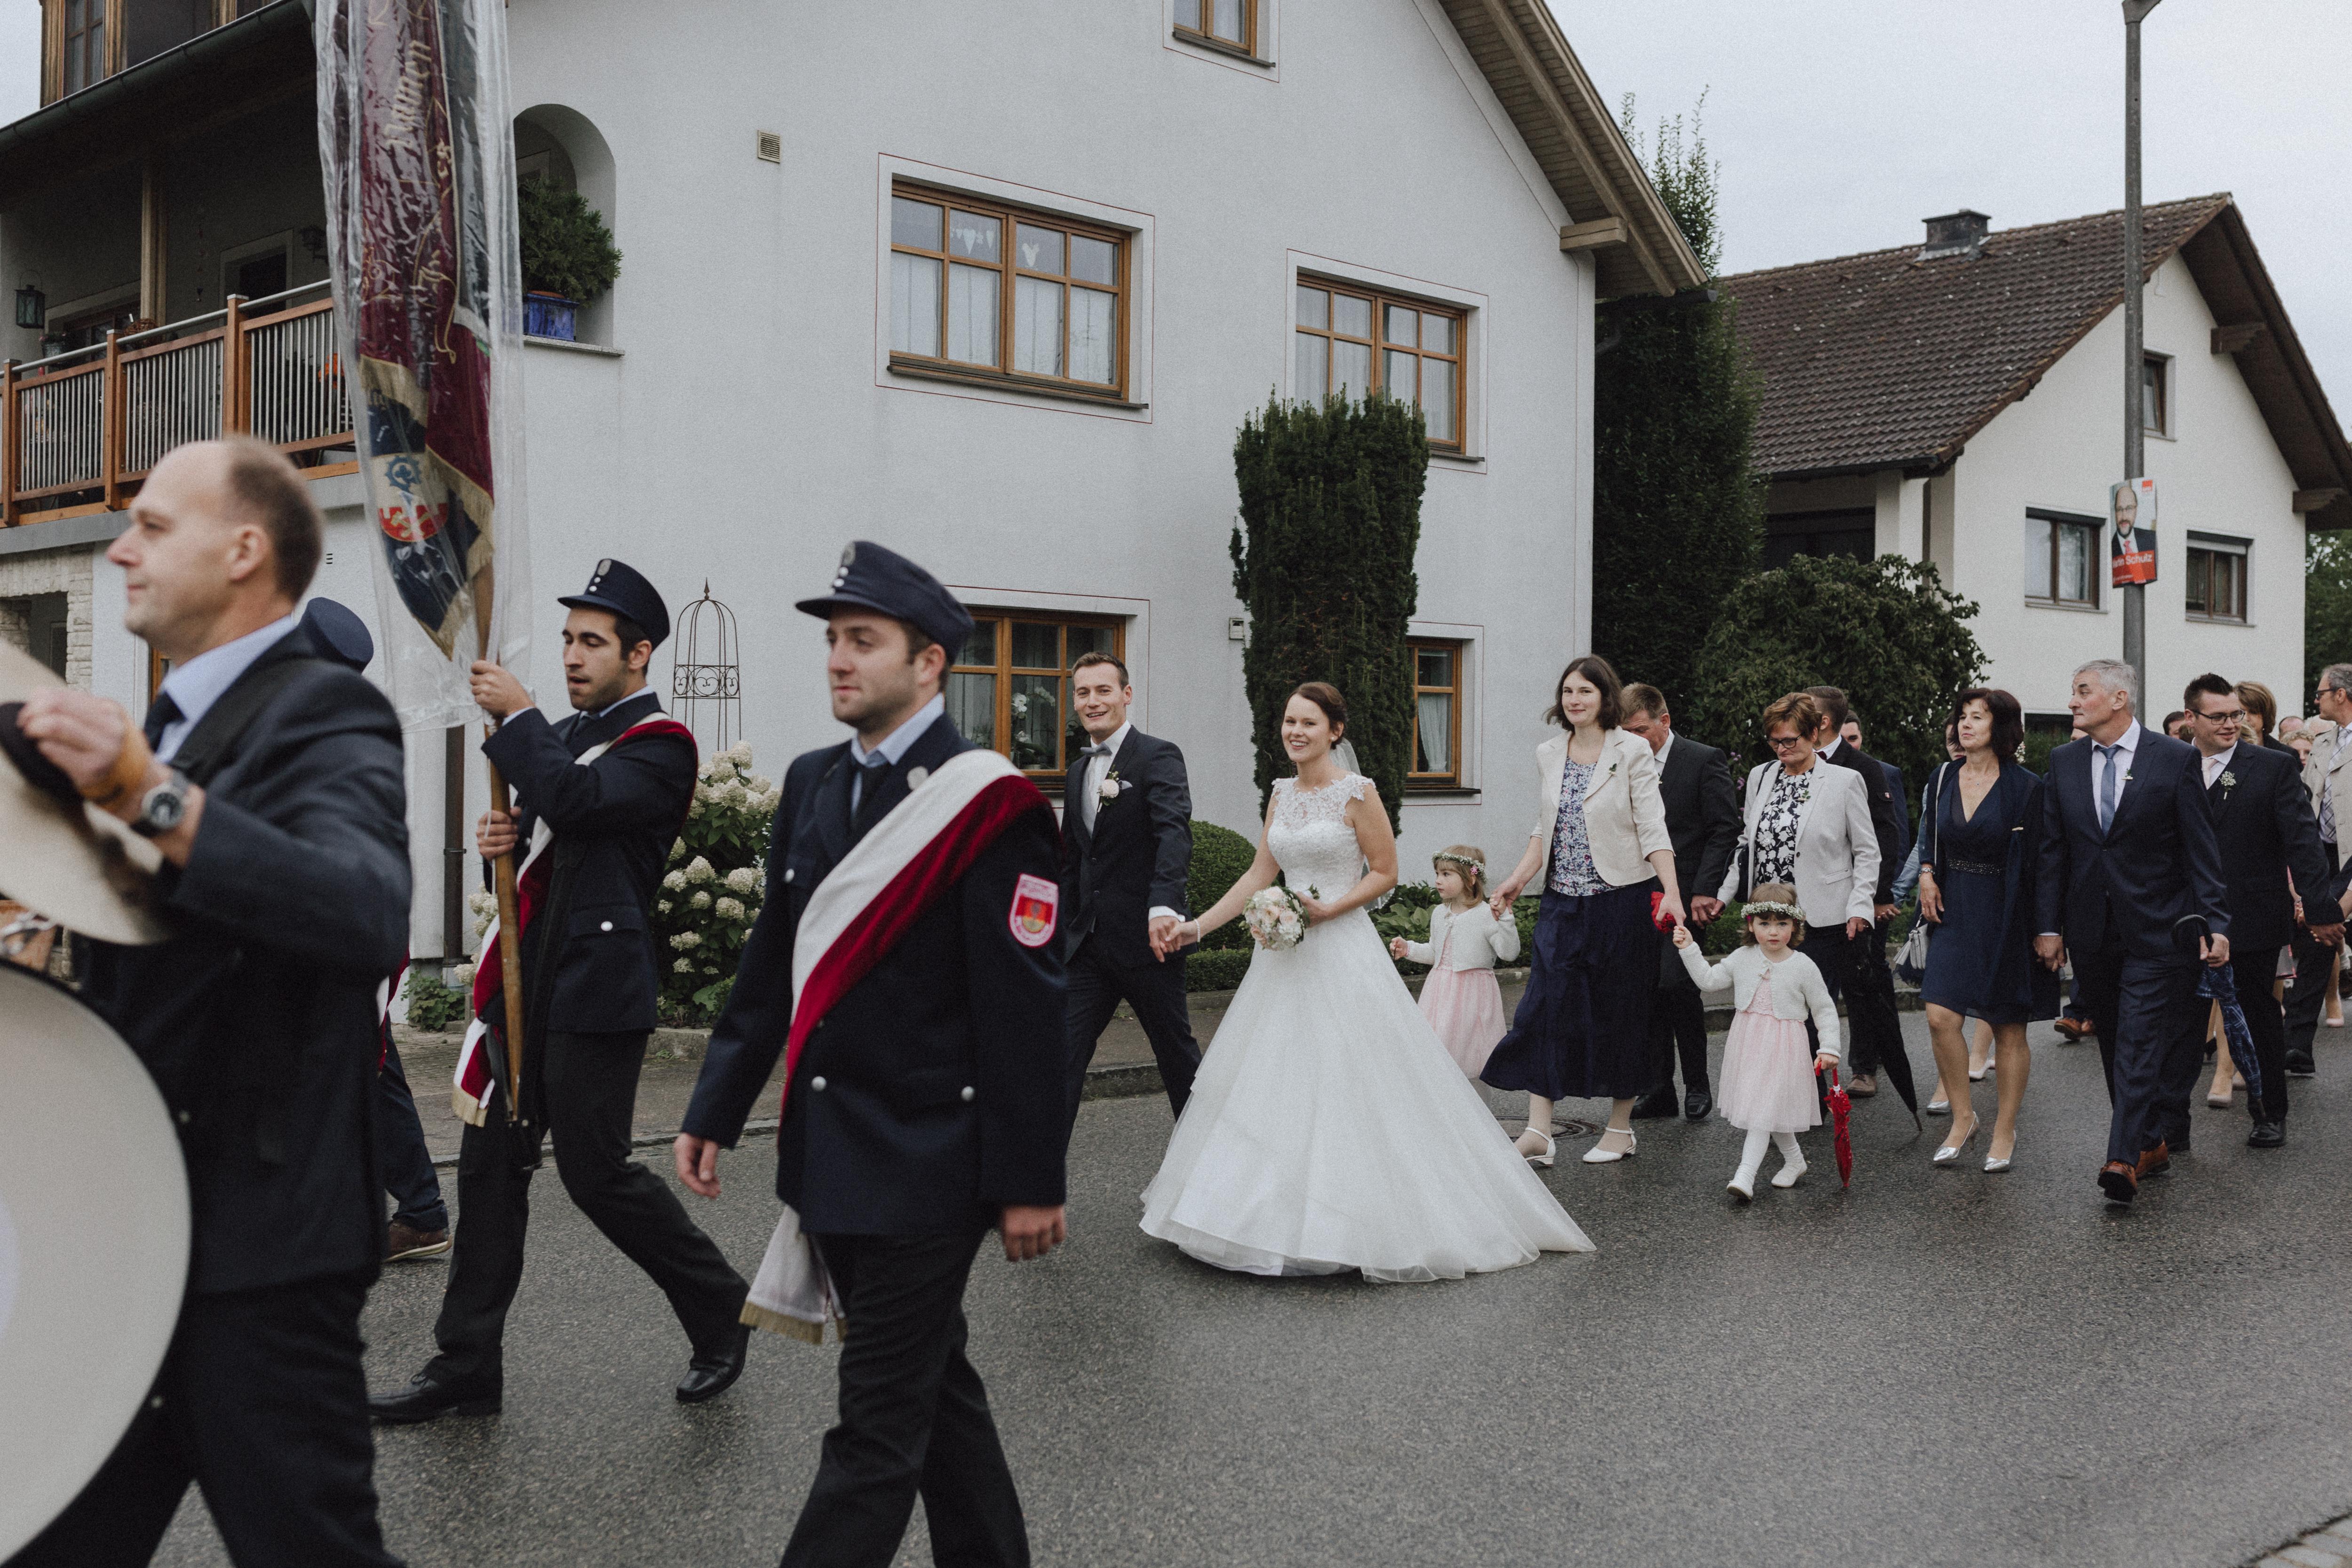 URBANERIE_Daniela_Goth_Hochzeitsfotografin_Nürnberg_Fürth_Erlangen_Schwabach_170909_0069